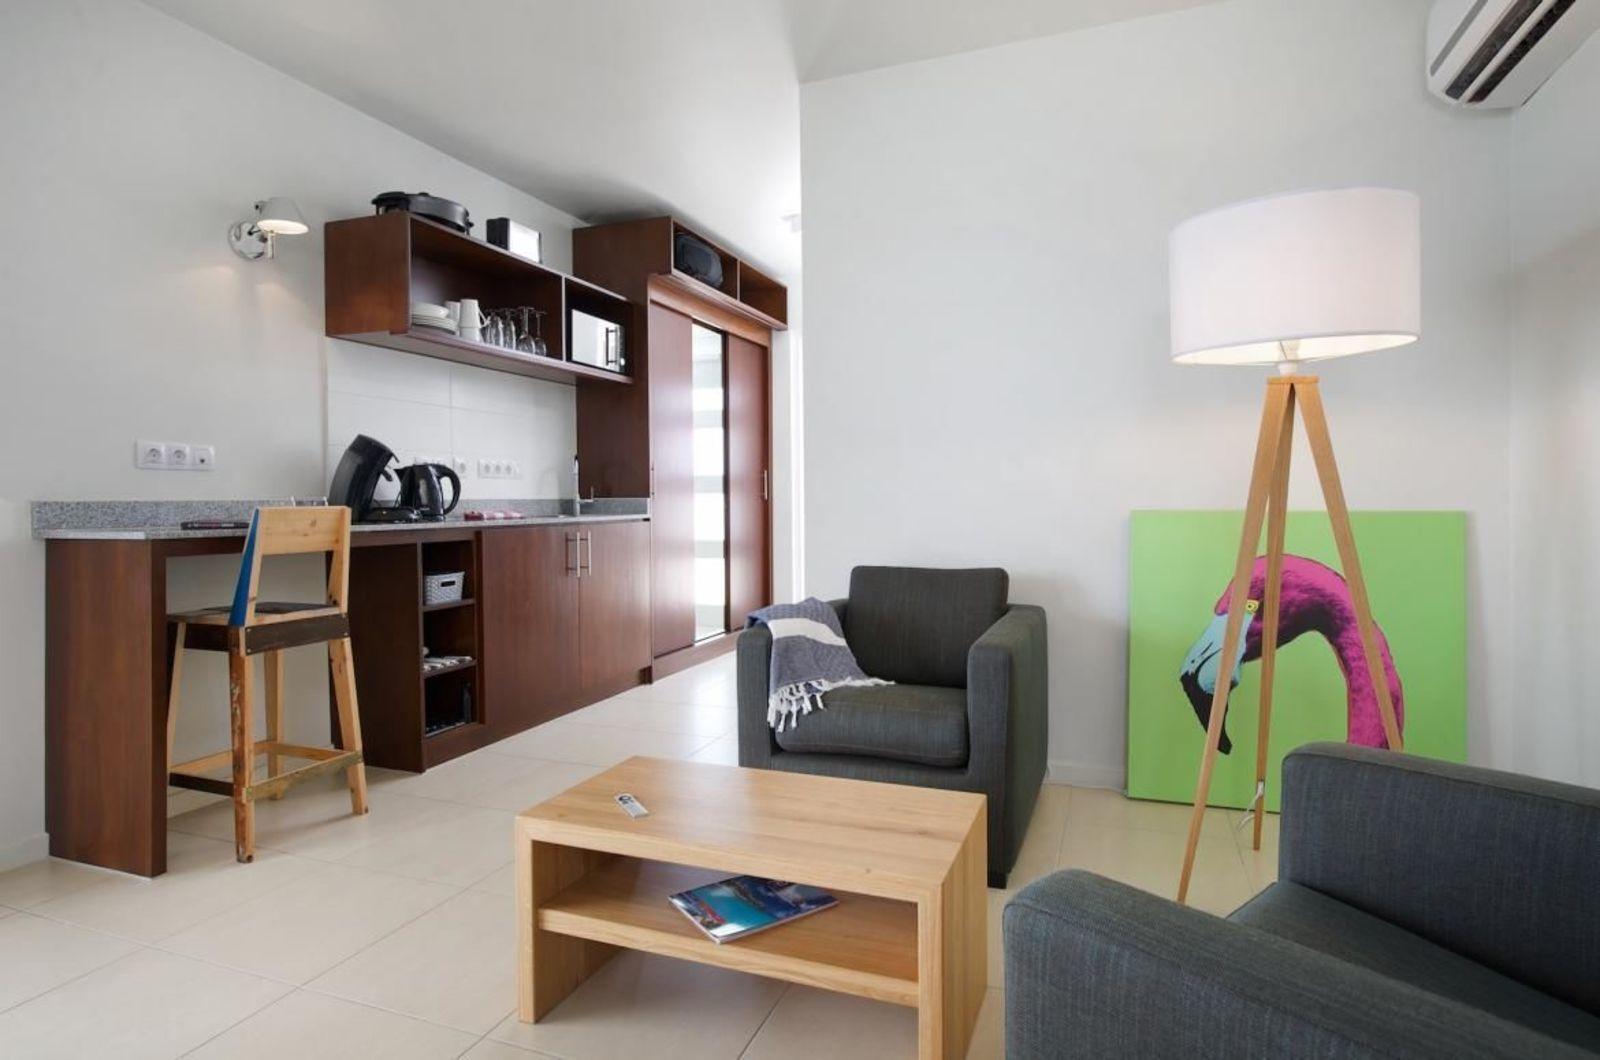 Hotelzimmer Deluxe - Gartensicht | 2 Pers.